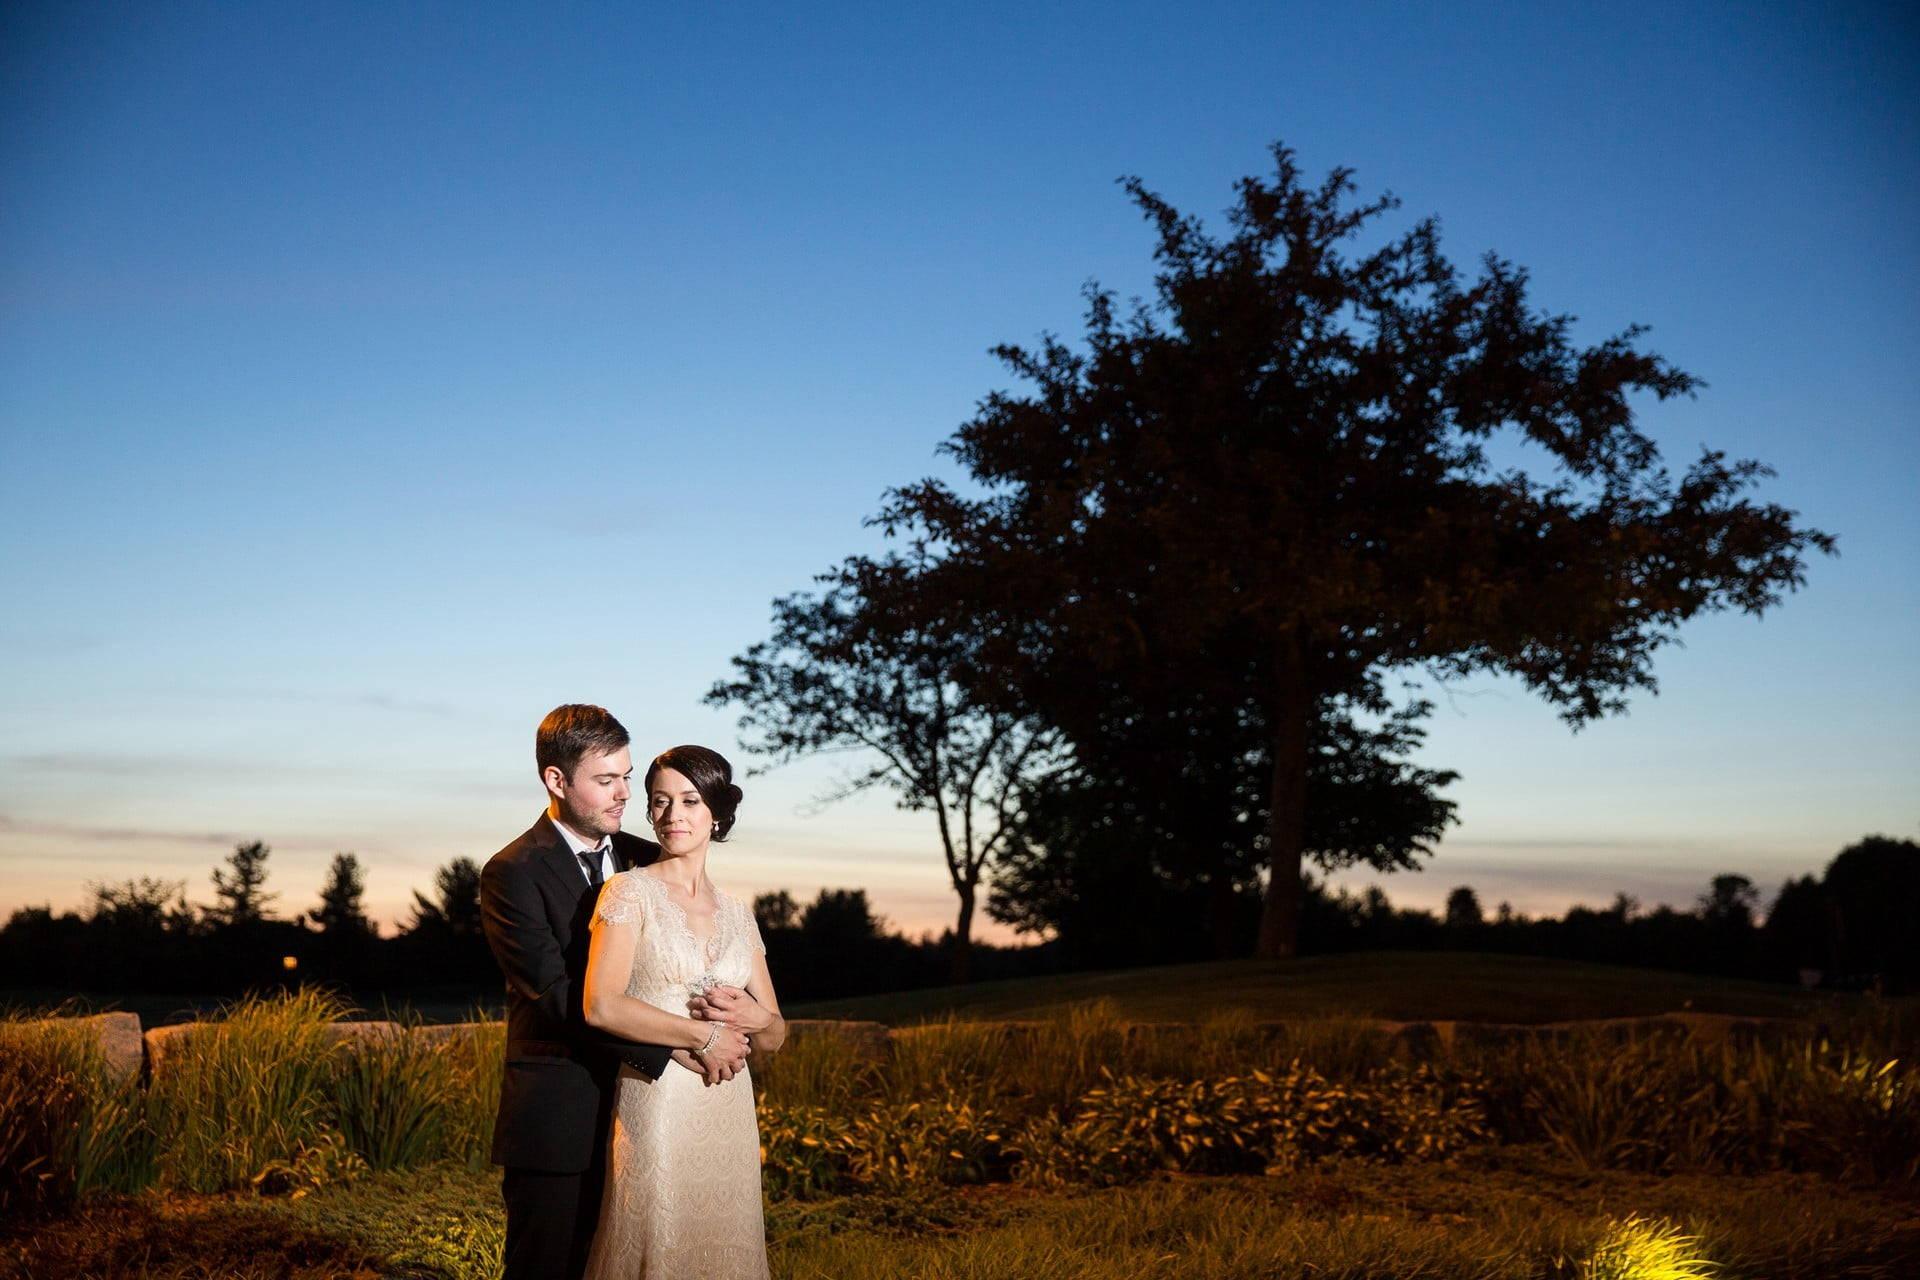 Hero image for Michelle and Darren's Deer Creek Golf Course Wedding